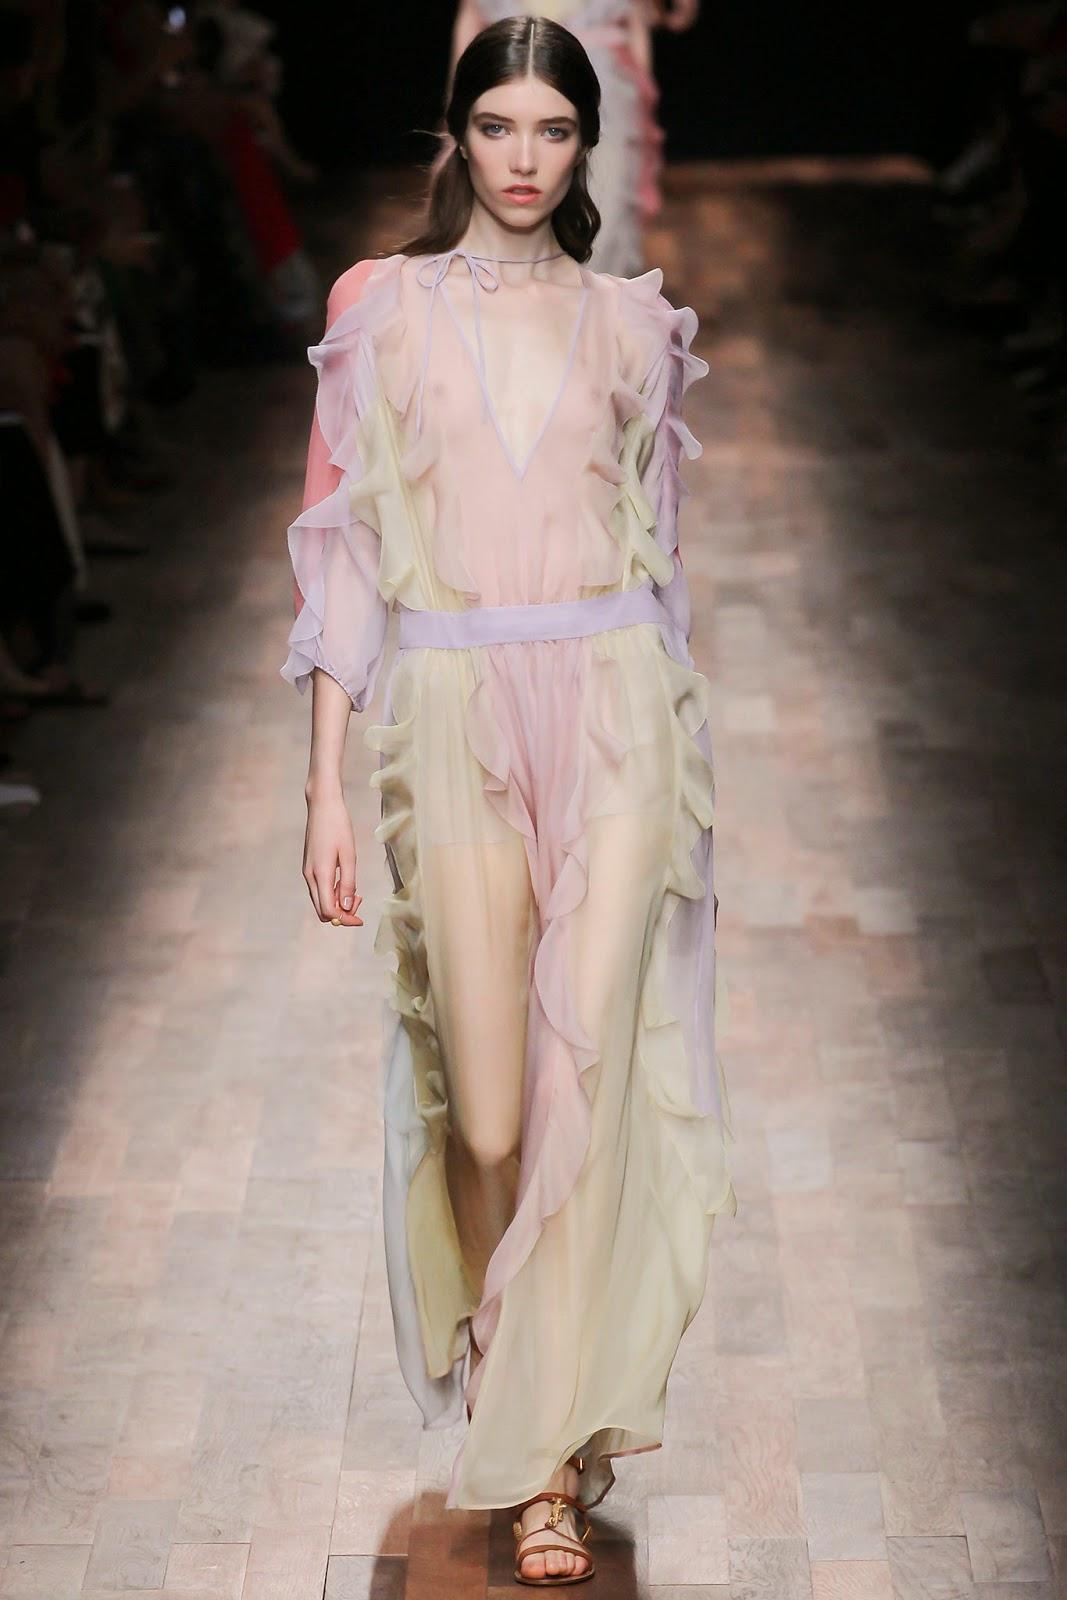 valentino 2015 summer 2016 trend women dress43 Valentino 2015 samling, våren sommaren 2016 Valentino klänning modeller, Valentino kväll klänning nya säsongen kvinnors kjolar modeller